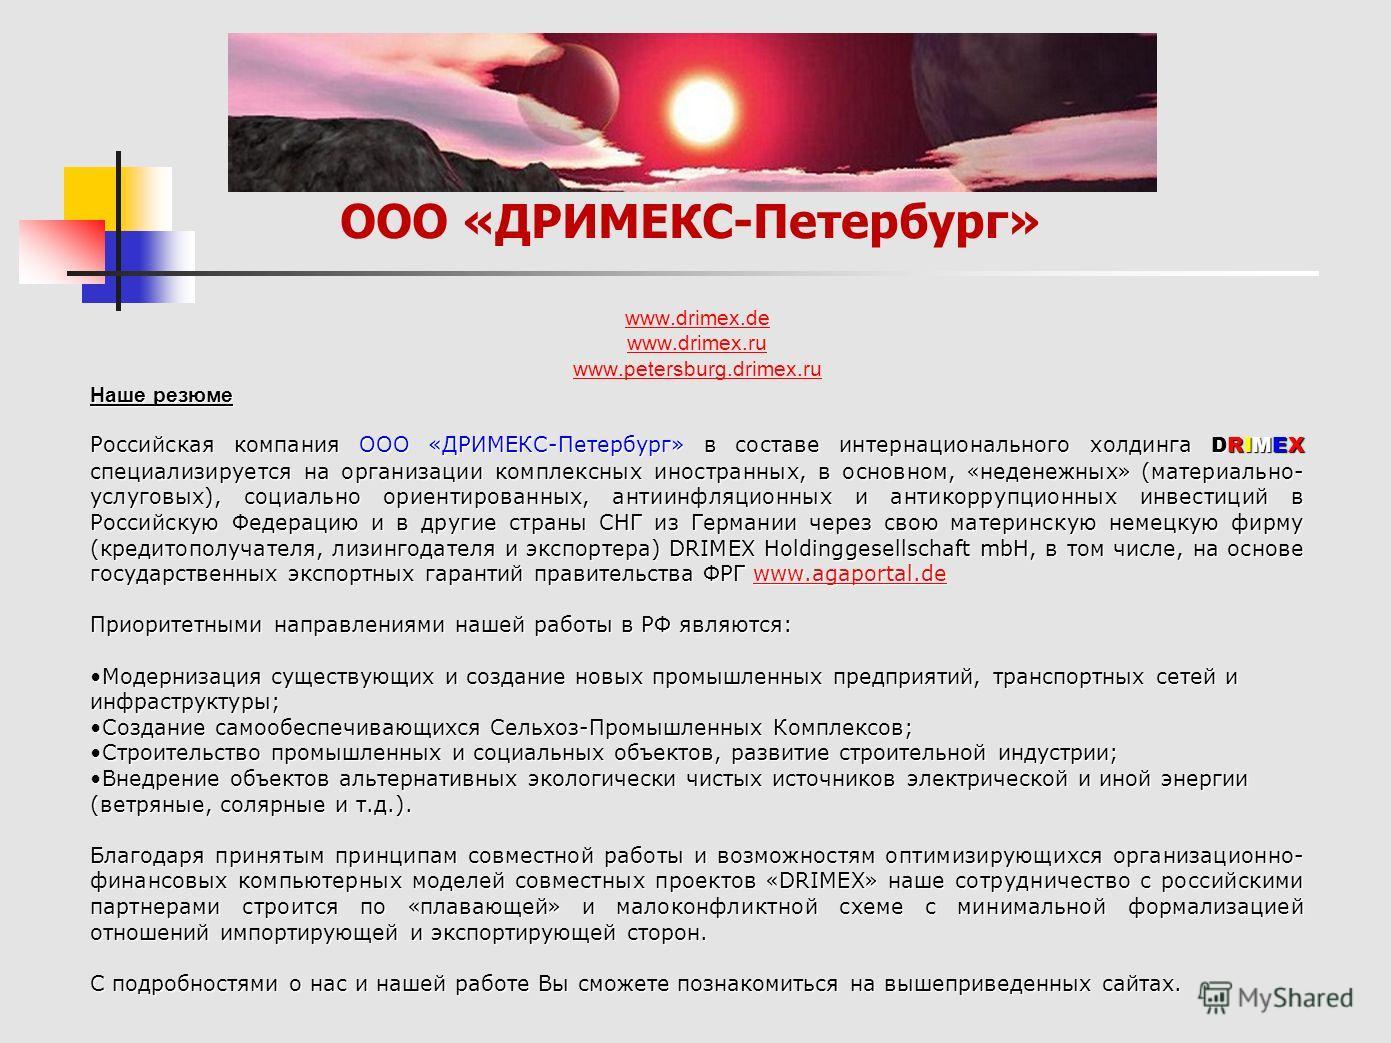 ООО «ДРИМЕКС-Петербург» www.drimex.de www.drimex.ru www.petersburg.drimex.ru Наше резюме Российская компания ООО «ДРИМЕКС-Петербург» в составе интернационального холдинга DRIMEX cпециализируется на организации комплексных иностранных, в основном, « н